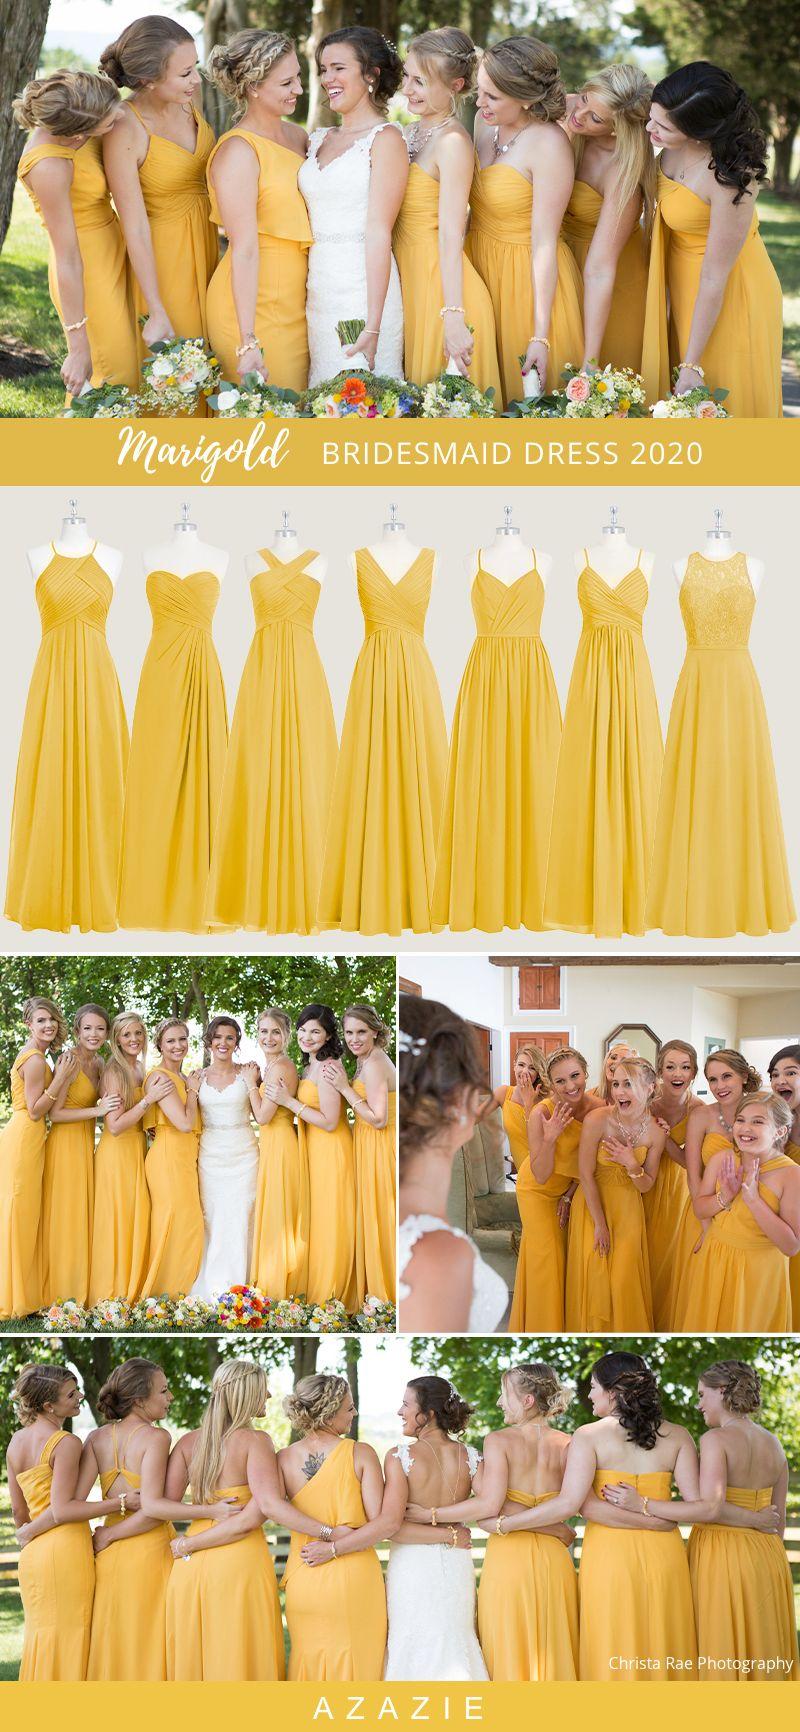 2020 Wedding Color Ideas Marigold Bridesmaid Dresses Marigold Bridesmaid Dress Mustard Yellow Bridesmaid Dress Summer Bridesmaid Dresses [ 1732 x 800 Pixel ]